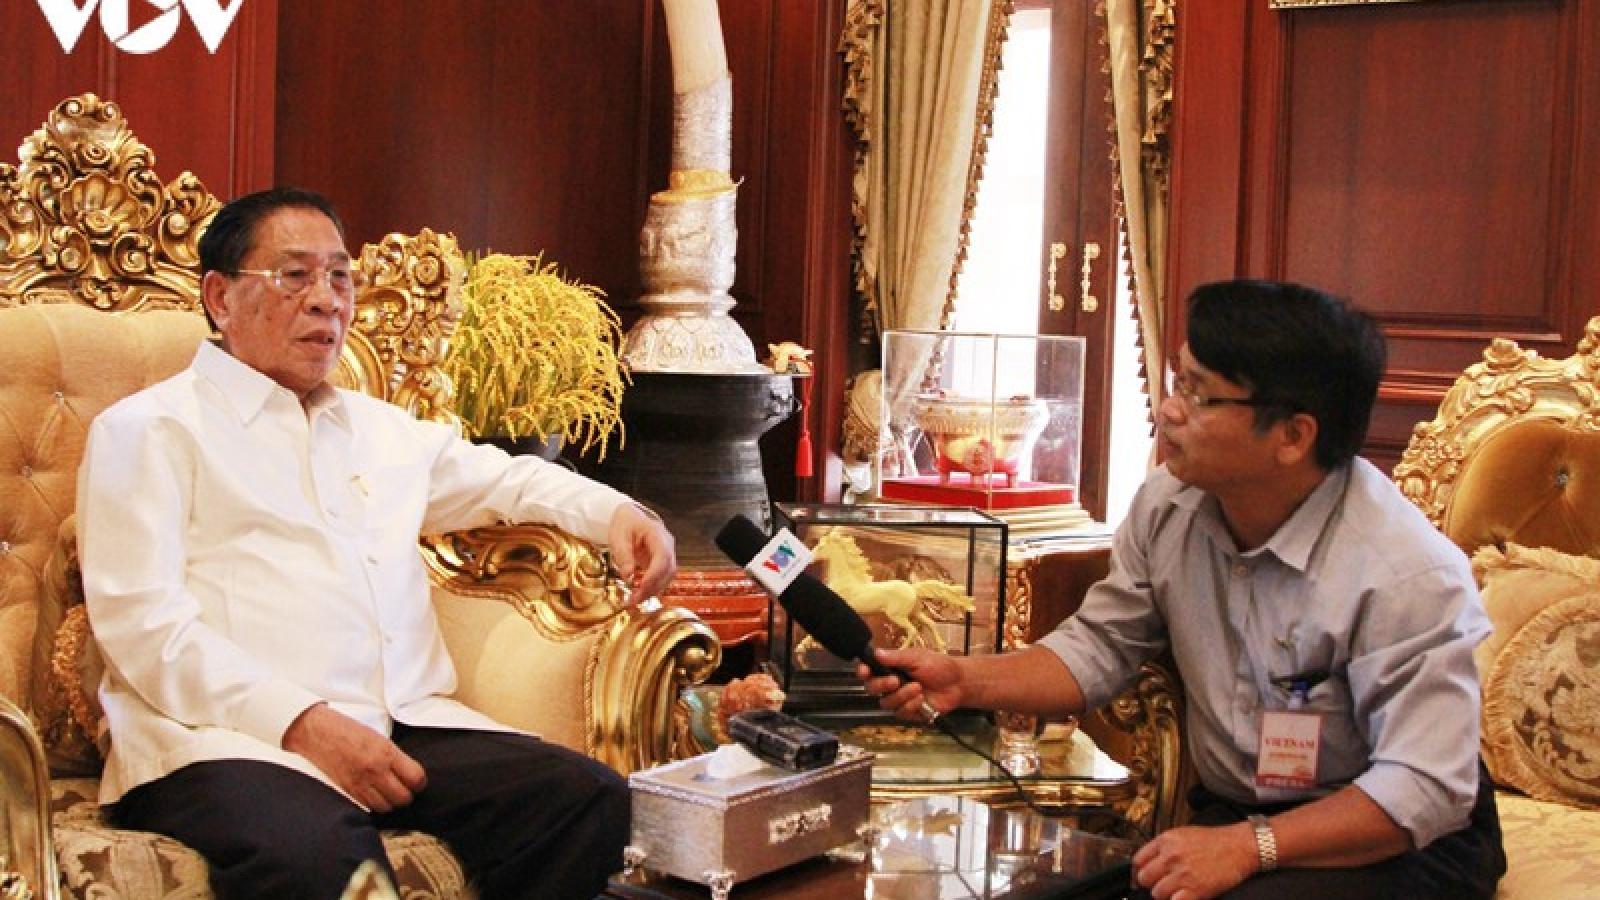 Nguyên Tổng Bí thư, Chủ tịch nước Lào Choummaly Sayasone nói về Tổng Bí thư Lê Khả Phiêu